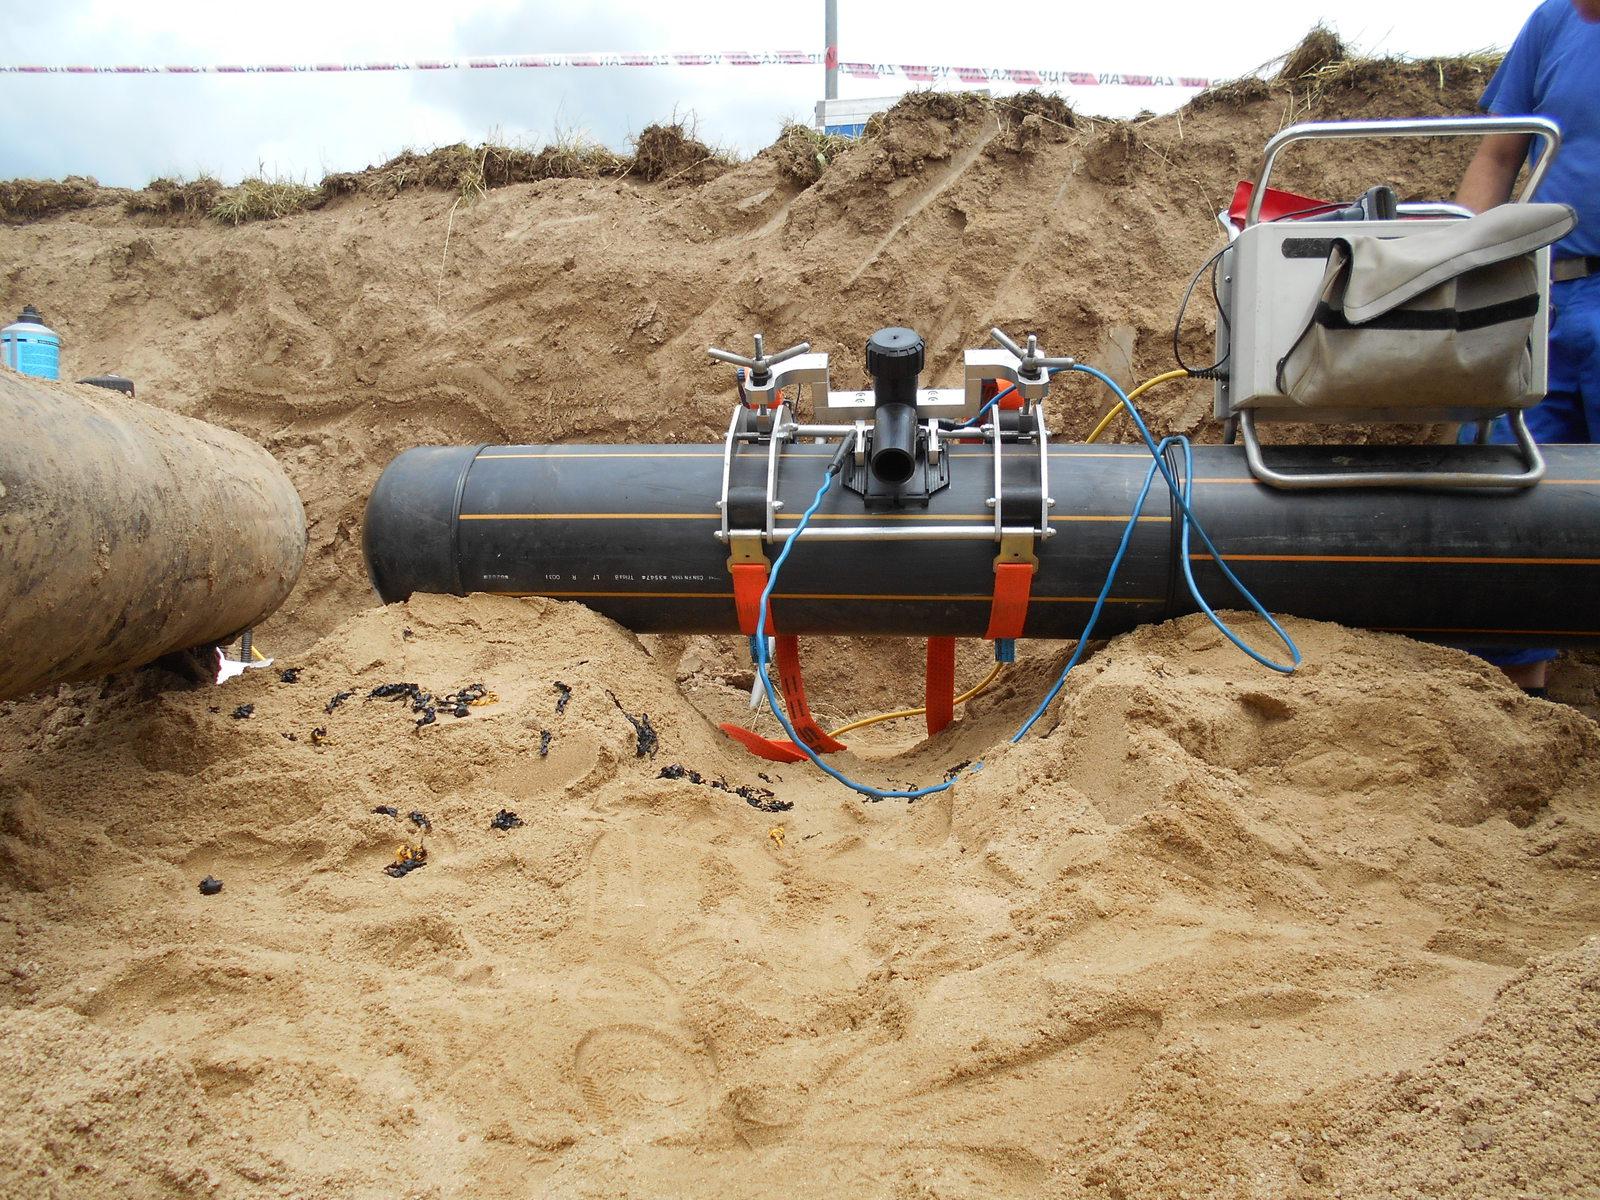 Pohotovost, údržba plynu i plynových přípojek Quantum